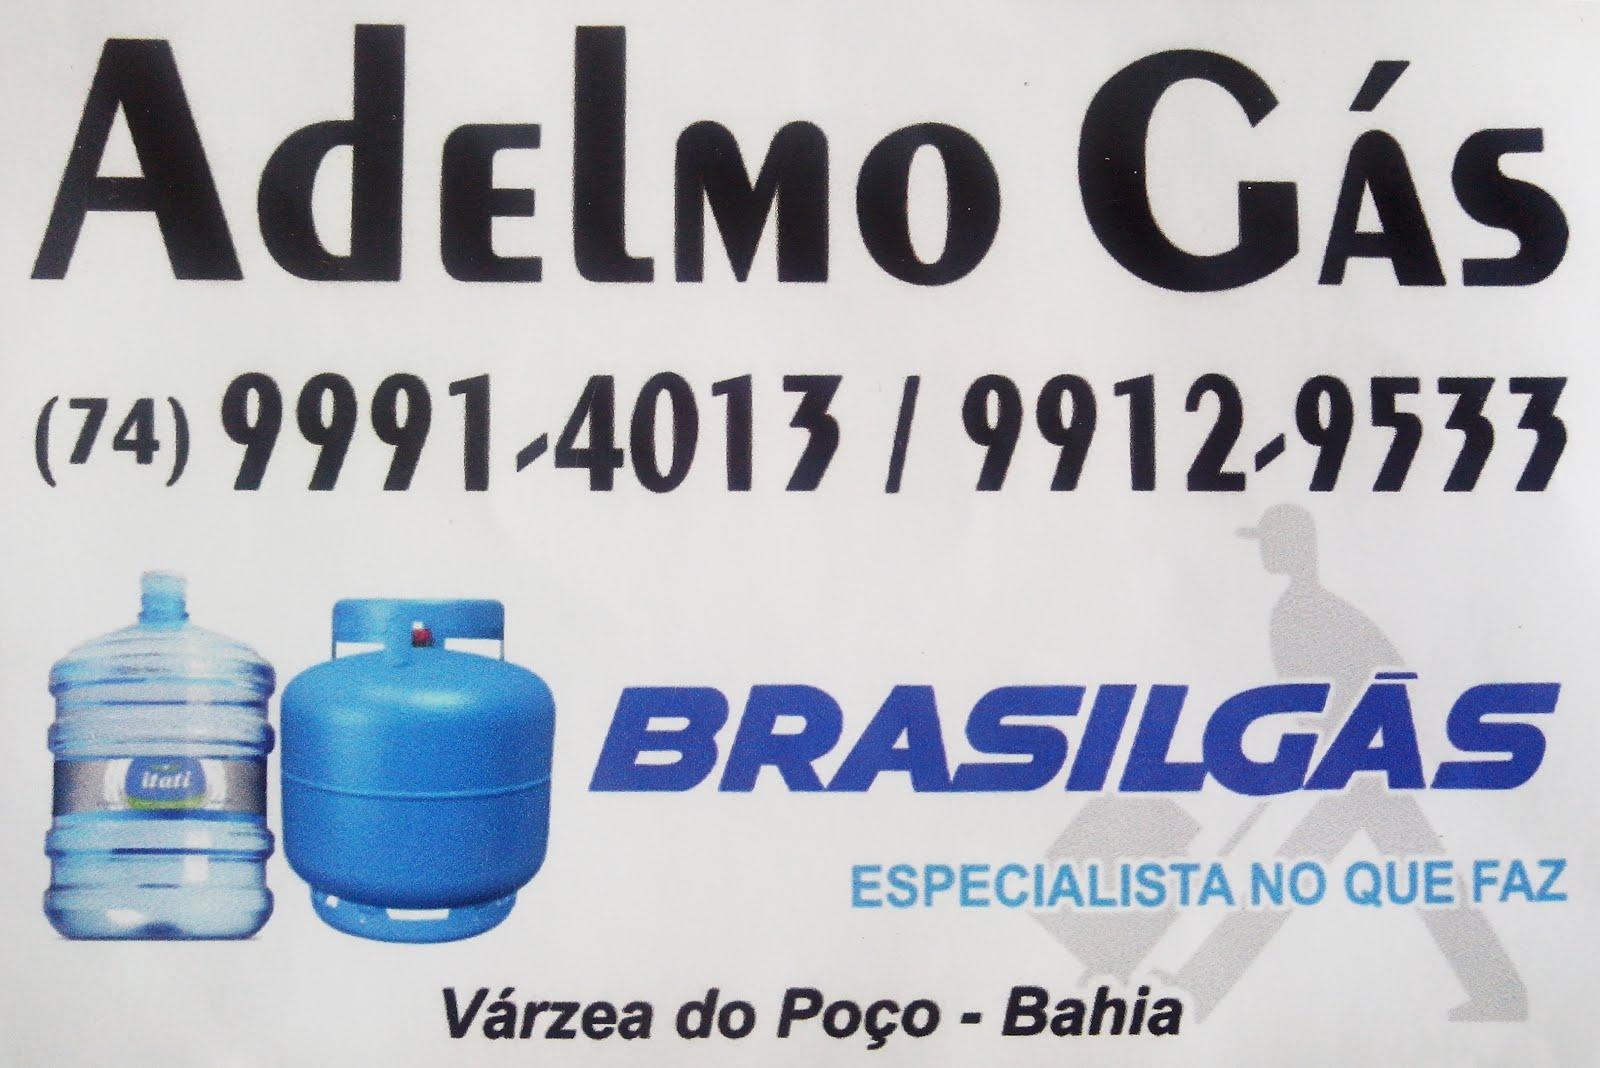 Várzea do Poço: Adelmo Gás